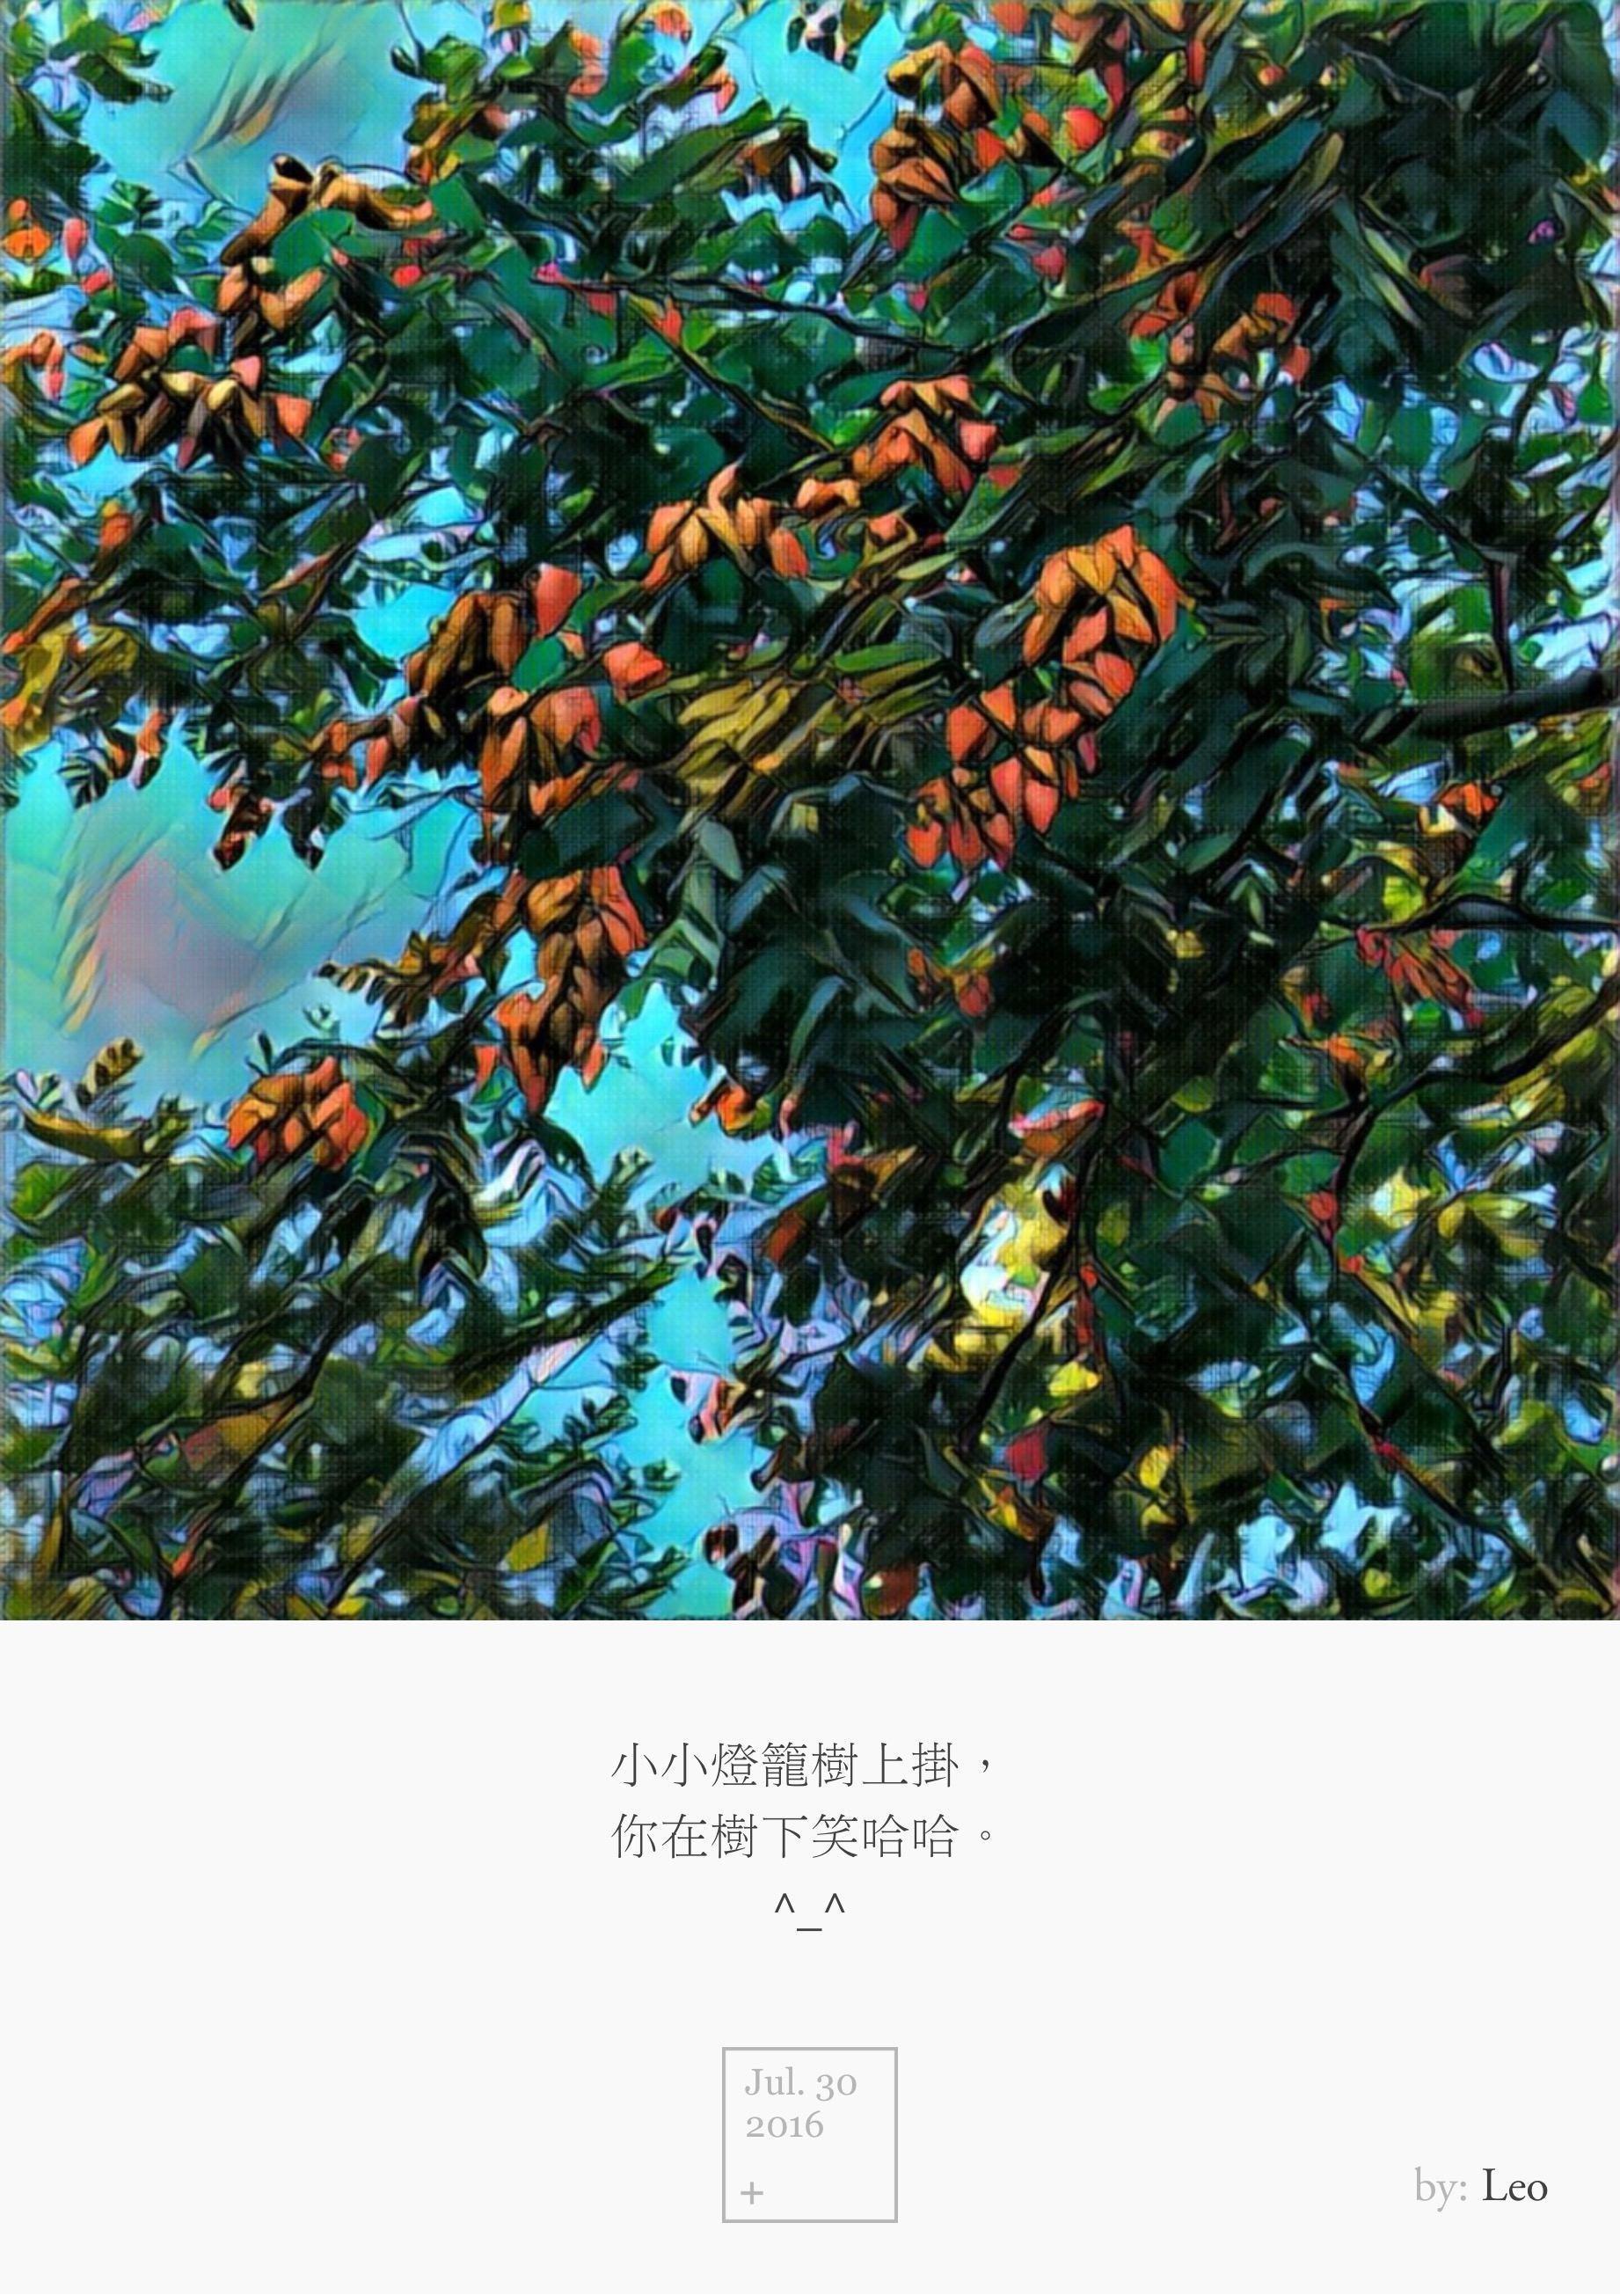 小小灯笼树上挂, 你在树下笑哈哈。 ^_^